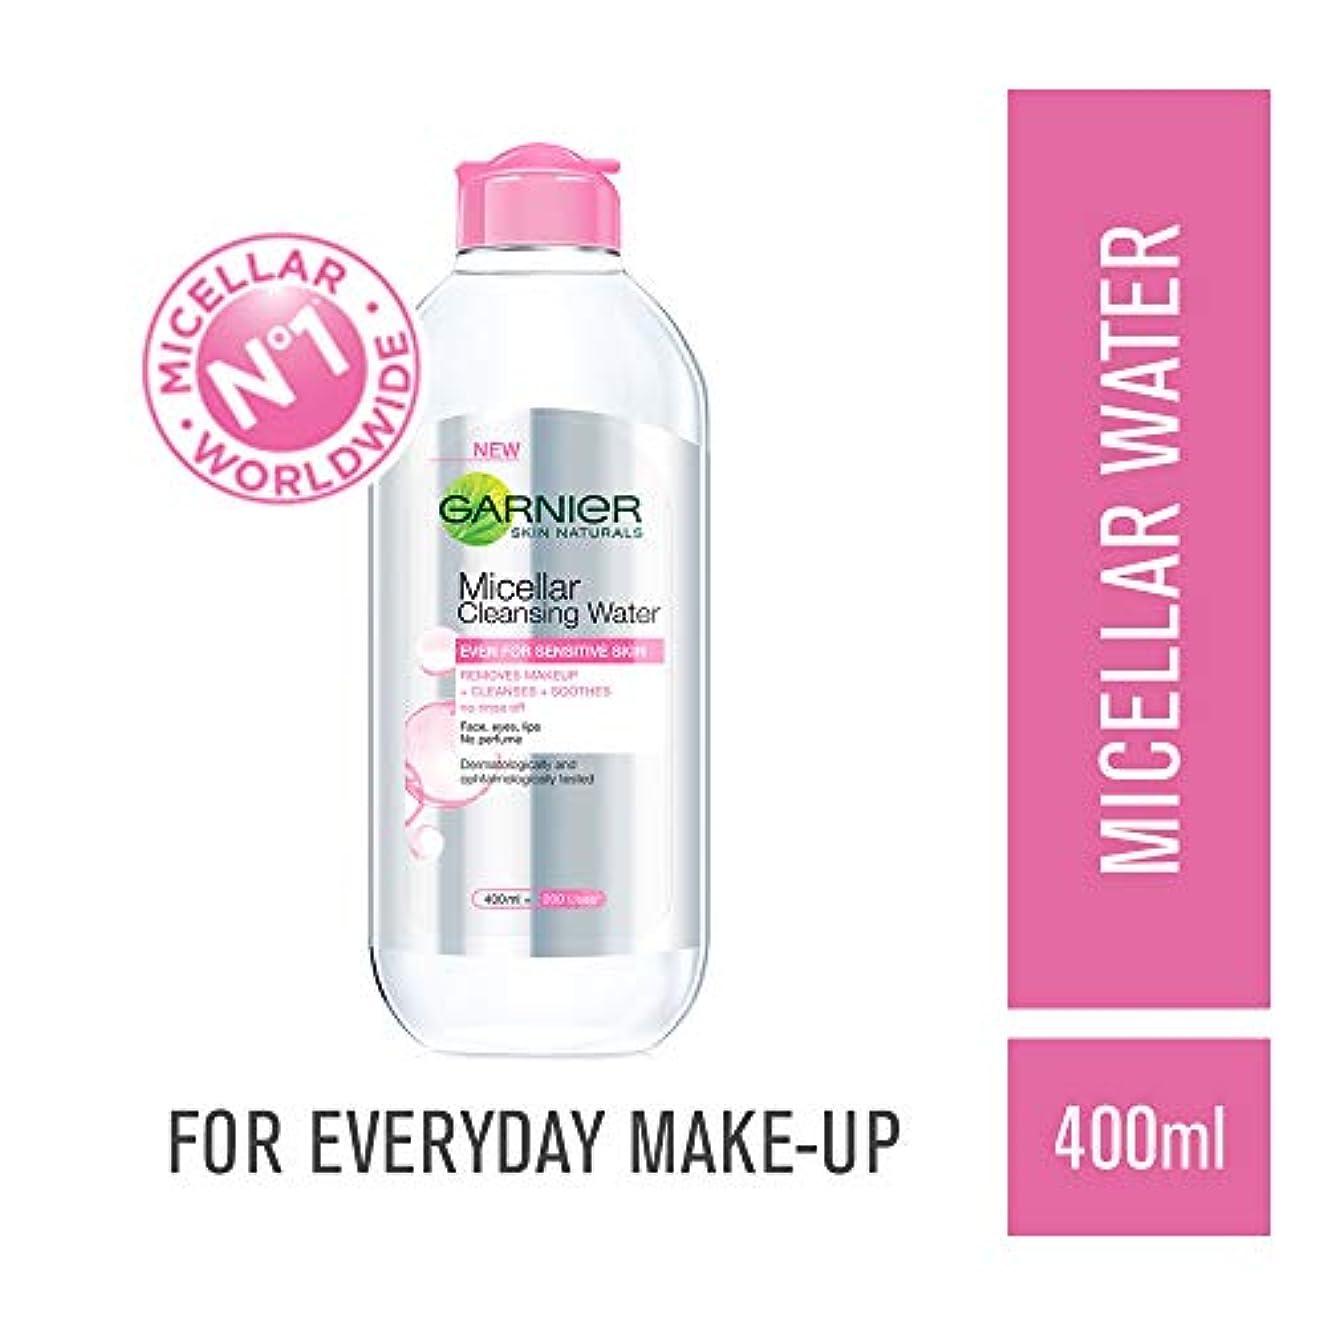 優雅な暗殺司法Garnier Skin Naturals, Micellar Cleansing Water, 400ml